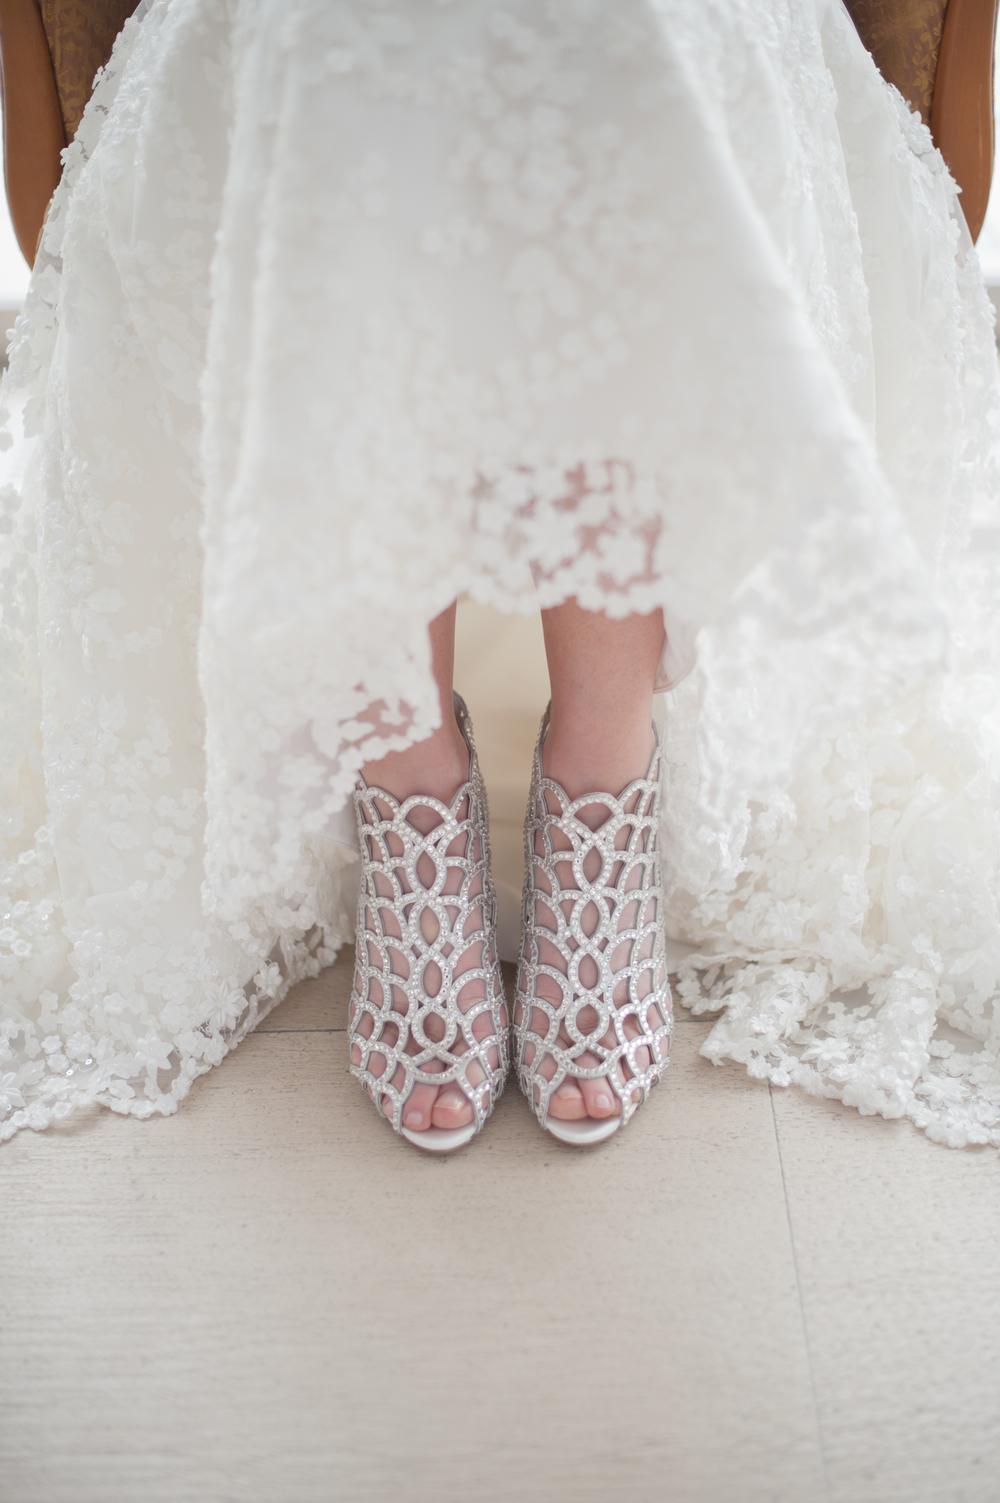 ThompsonHotel_modern_wedding_toronto-143.jpg